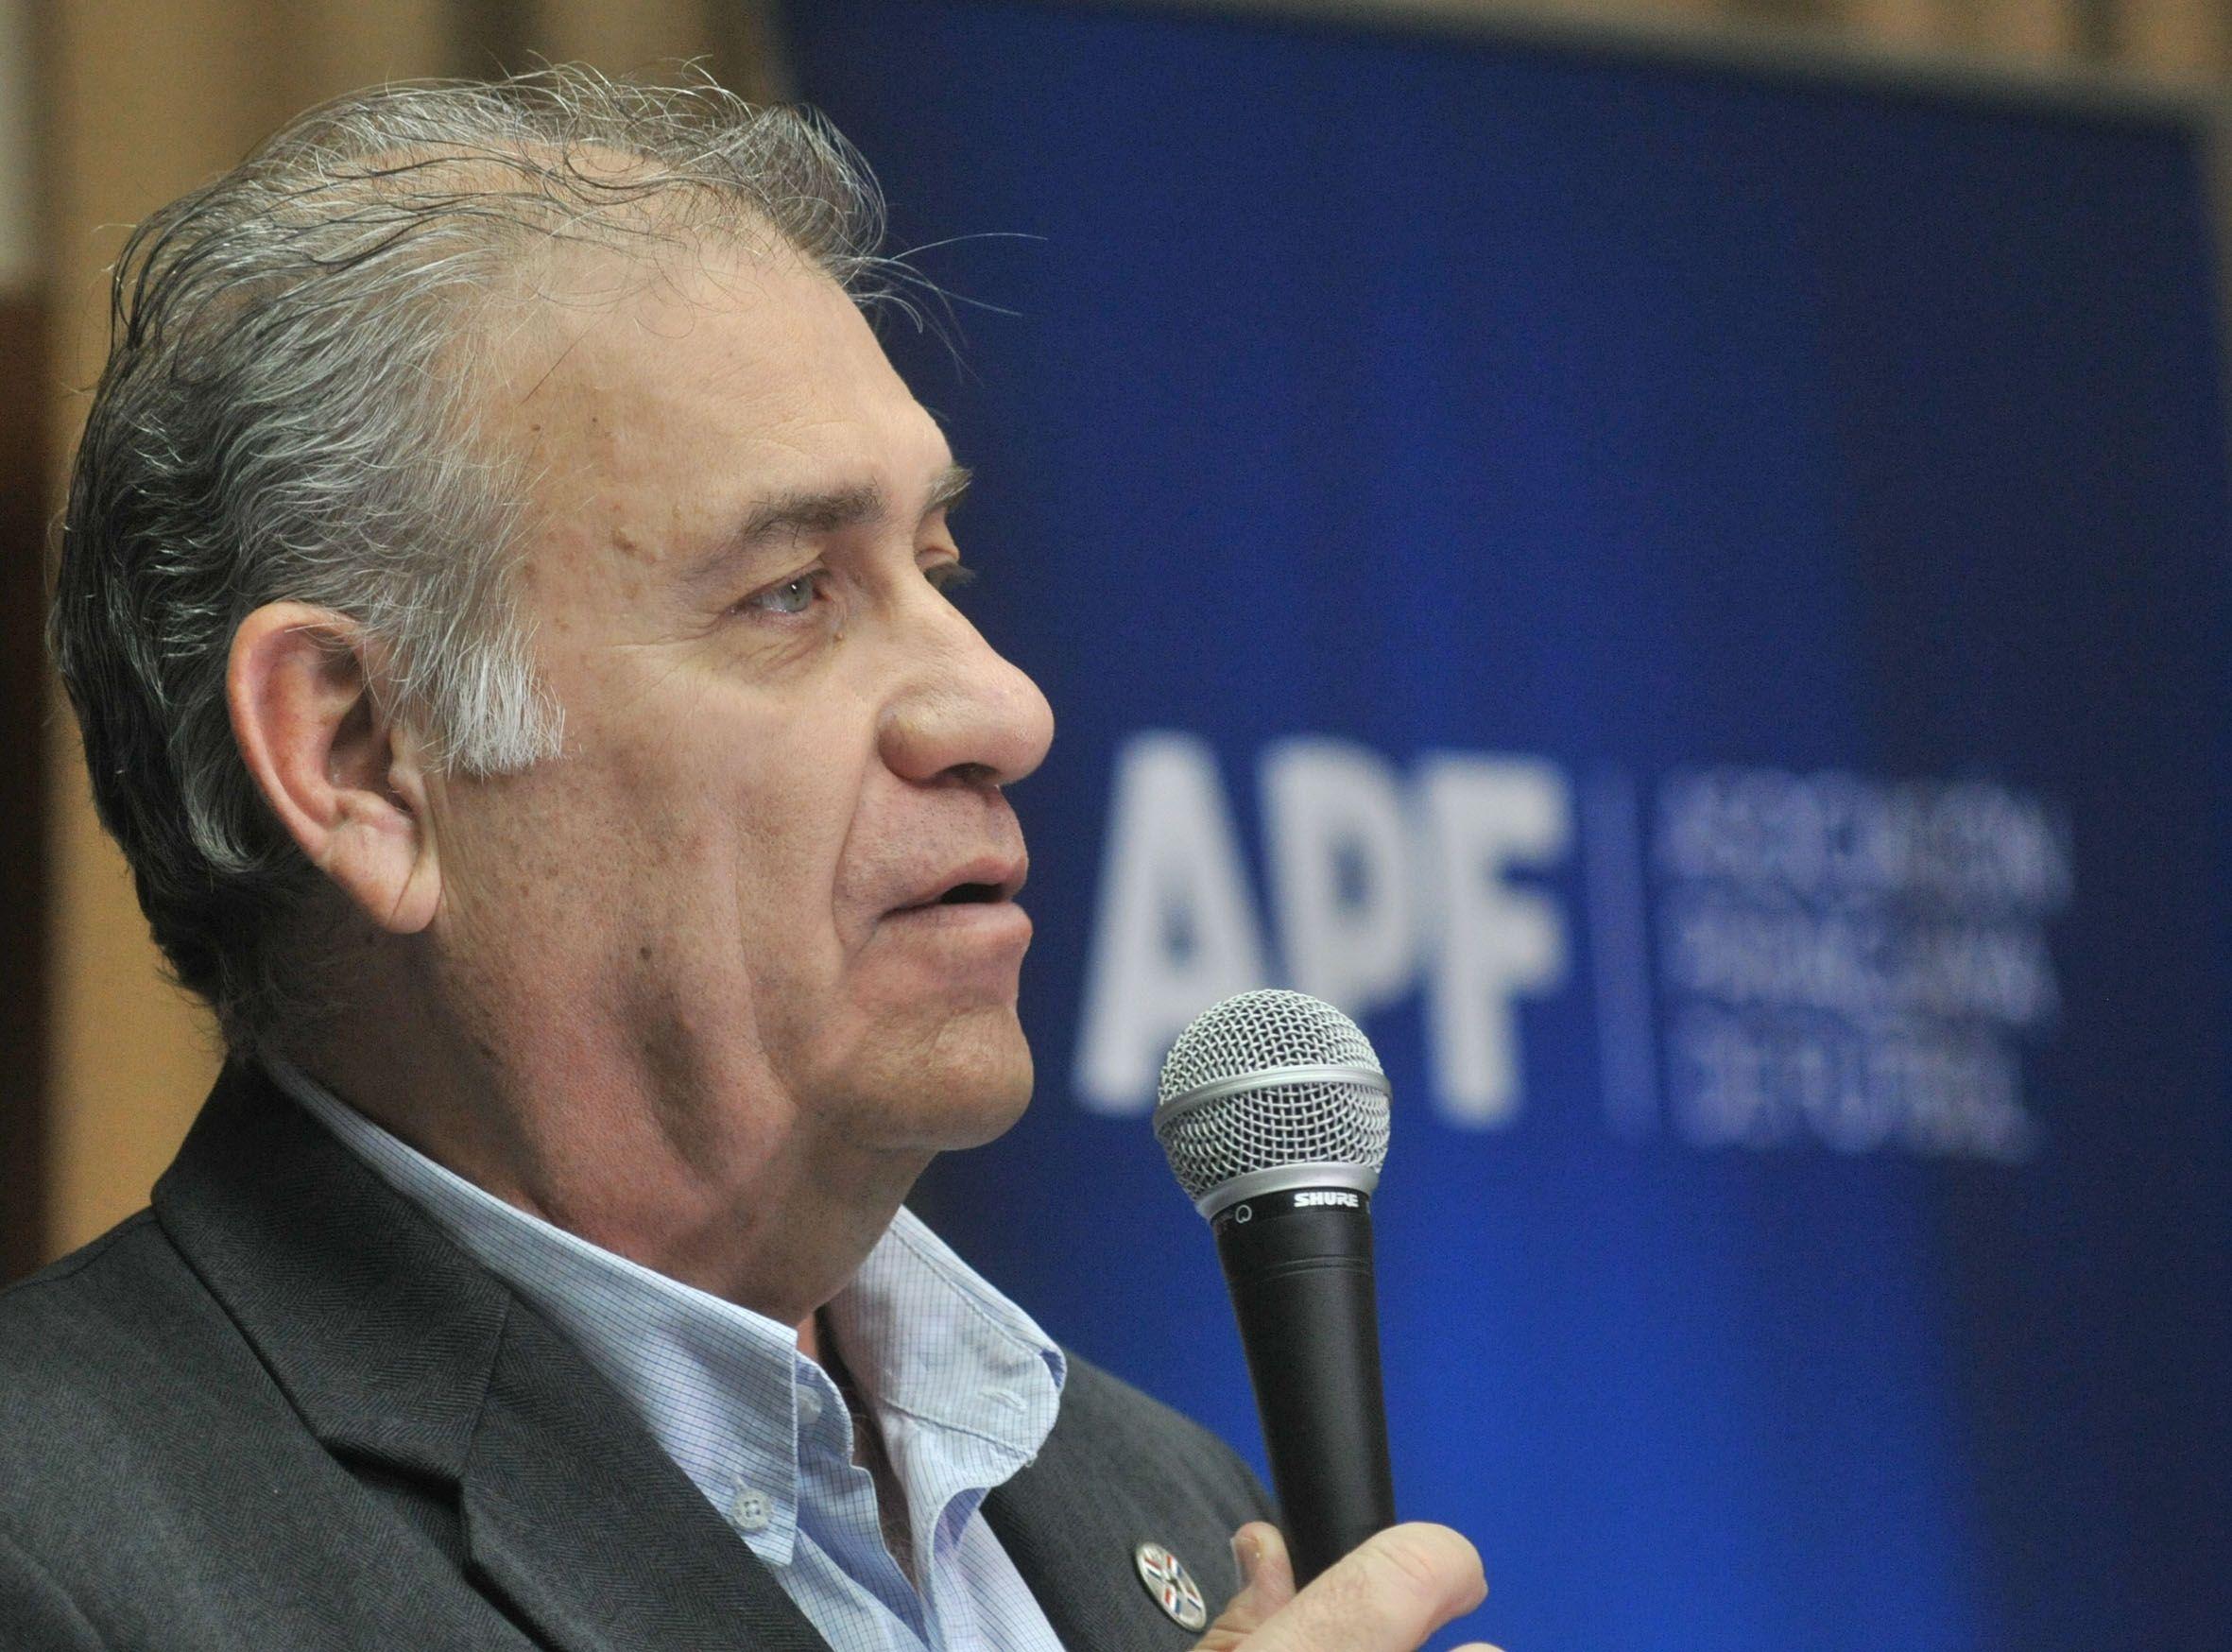 TAS rechazó apelación de González Daher ante FIFA. Foto: Última Hora